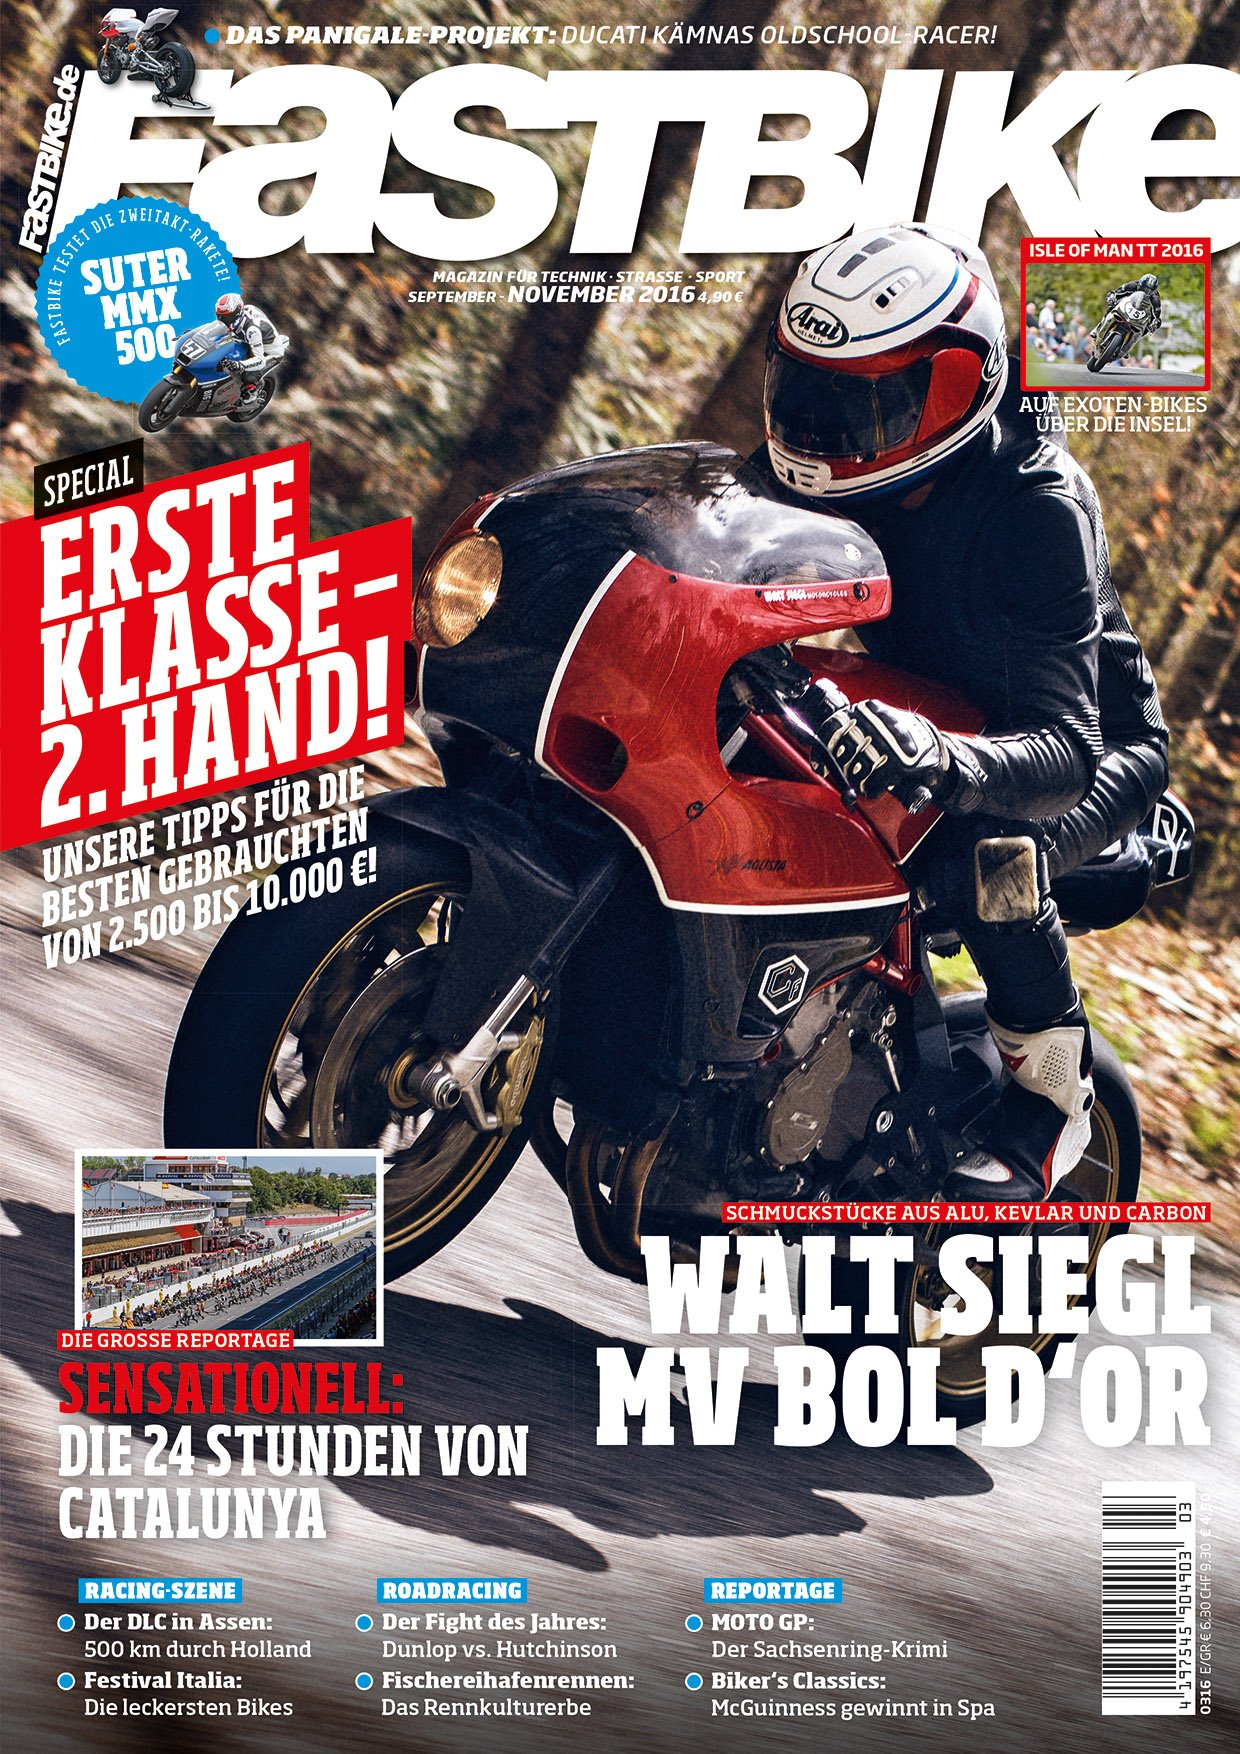 U4_U1_fb0316_Titel-Umschlag.indd